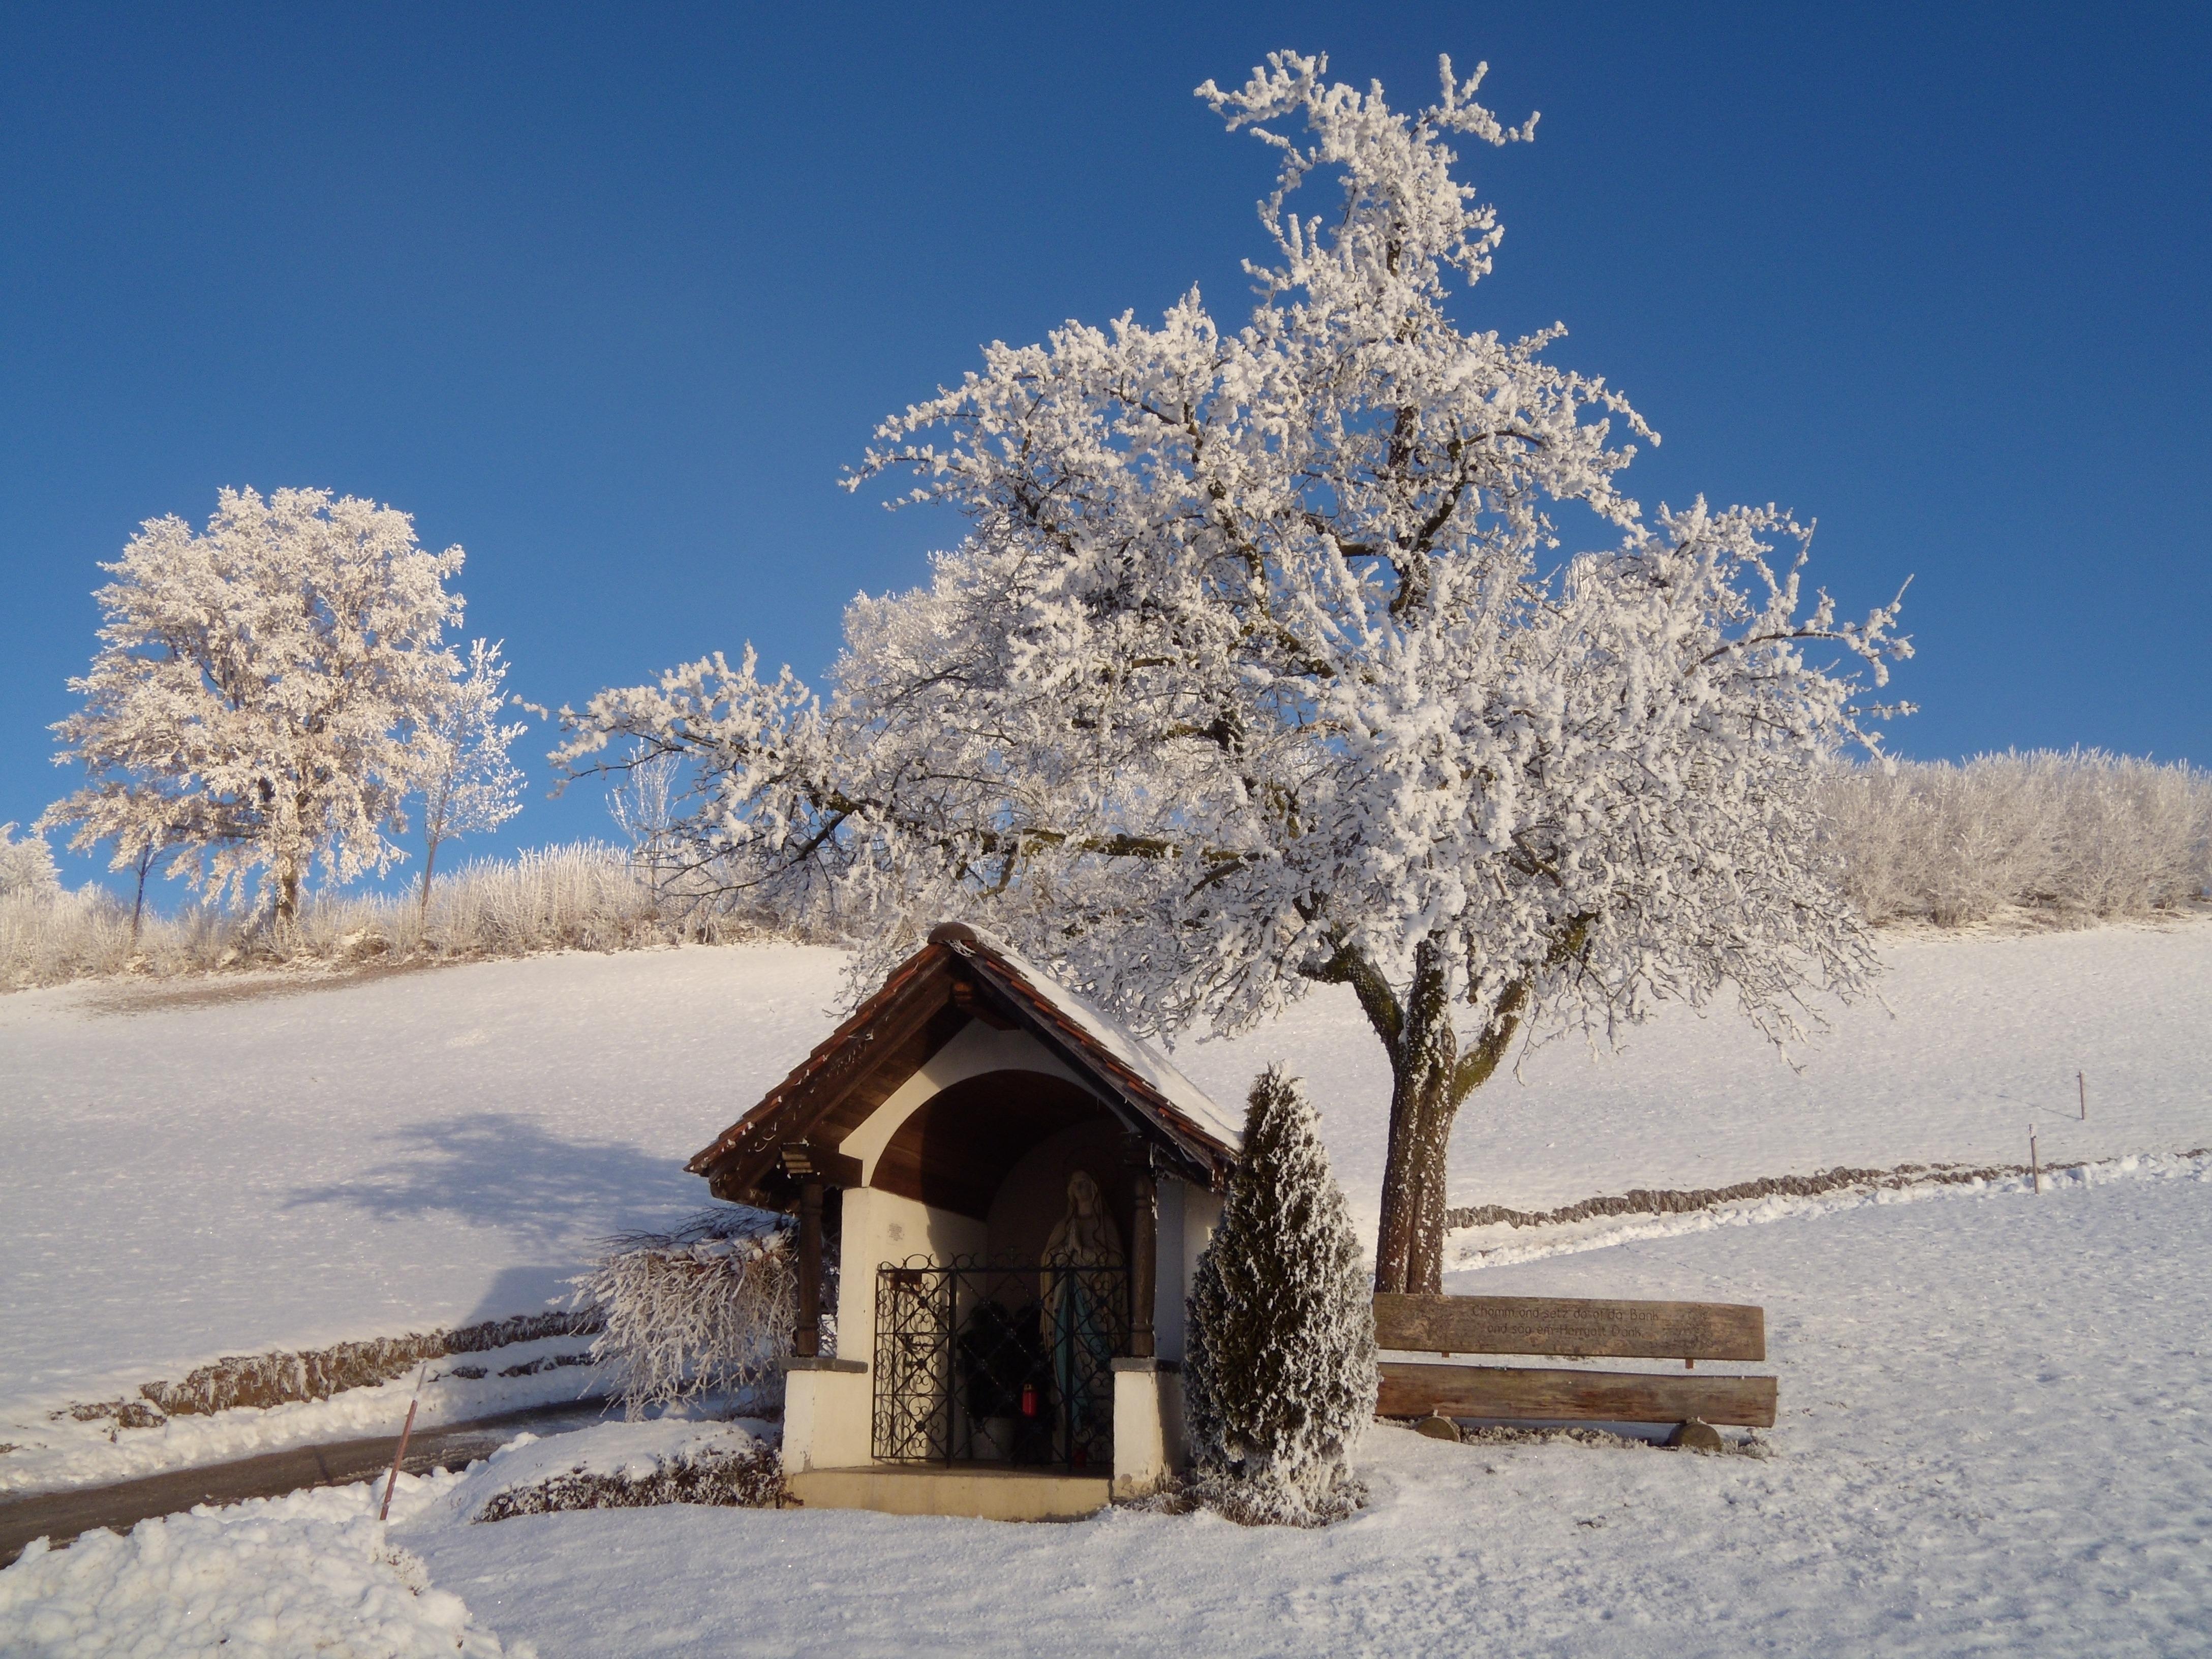 сочетает картинка деревья и кусты зимой законным мандатарием над